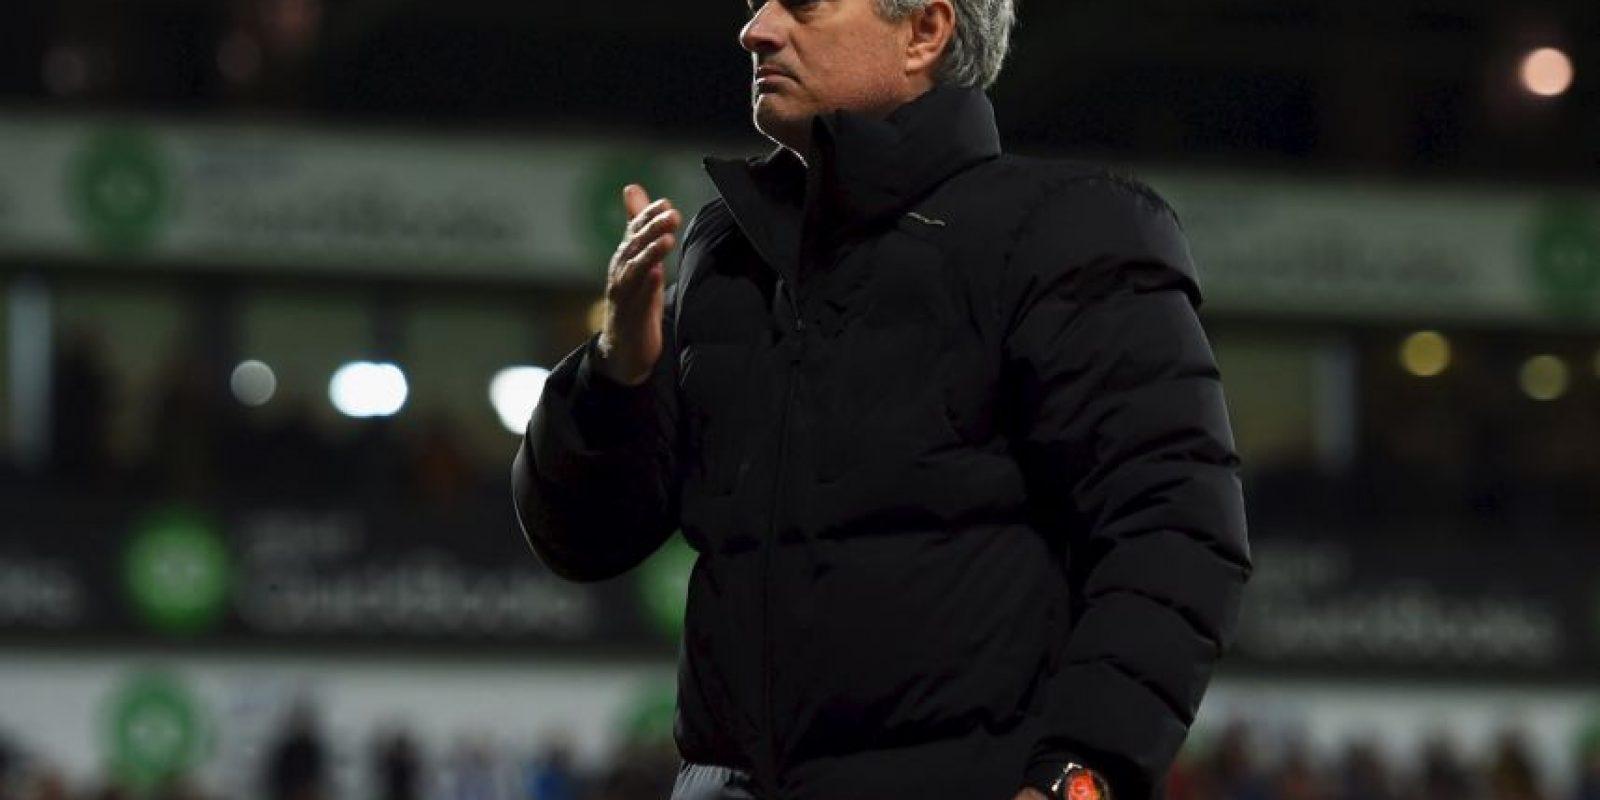 """""""No soy arrogante, solo soy campeón de Europa y creo que eso me hace especial"""", dijo Mourinho en su primera llegada al Chelsea. A partir de ahí le llaman """"The Special One"""" y él ha demostrado tener buena dosis… de egolatría. Foto:Getty Images"""